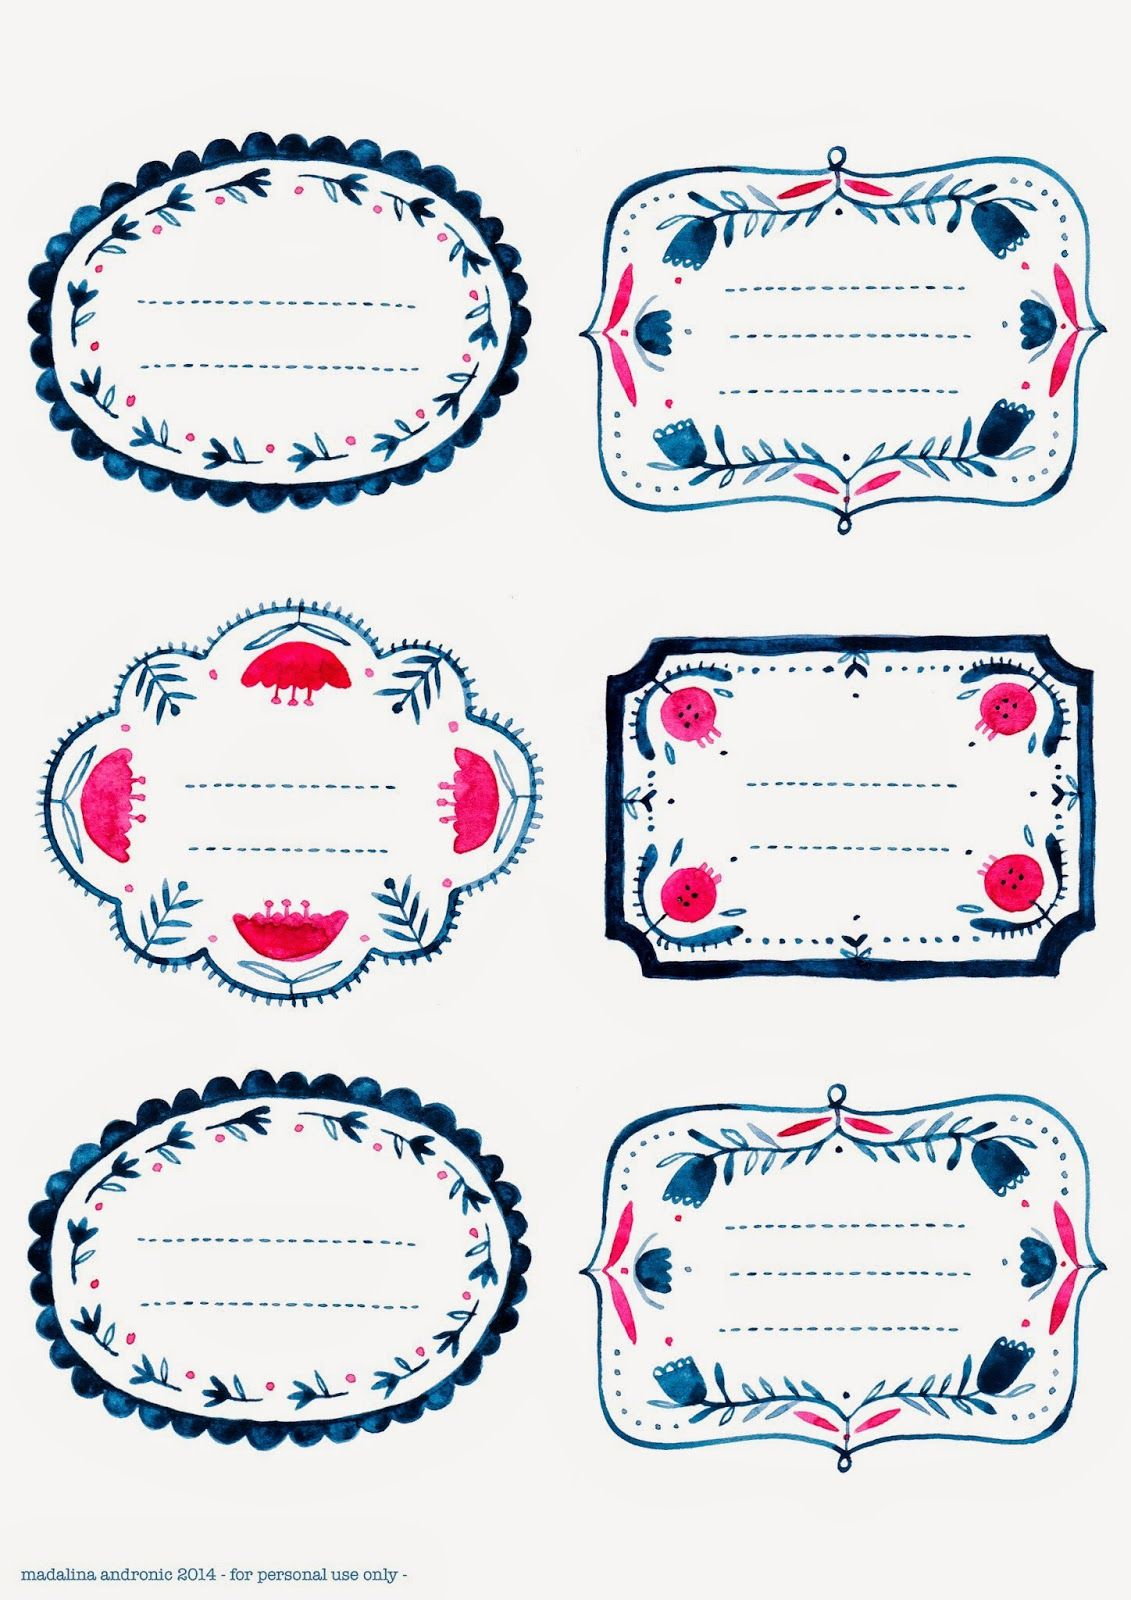 Etiquetas para conservas y mermeladas | mermeladas | Pinterest ...